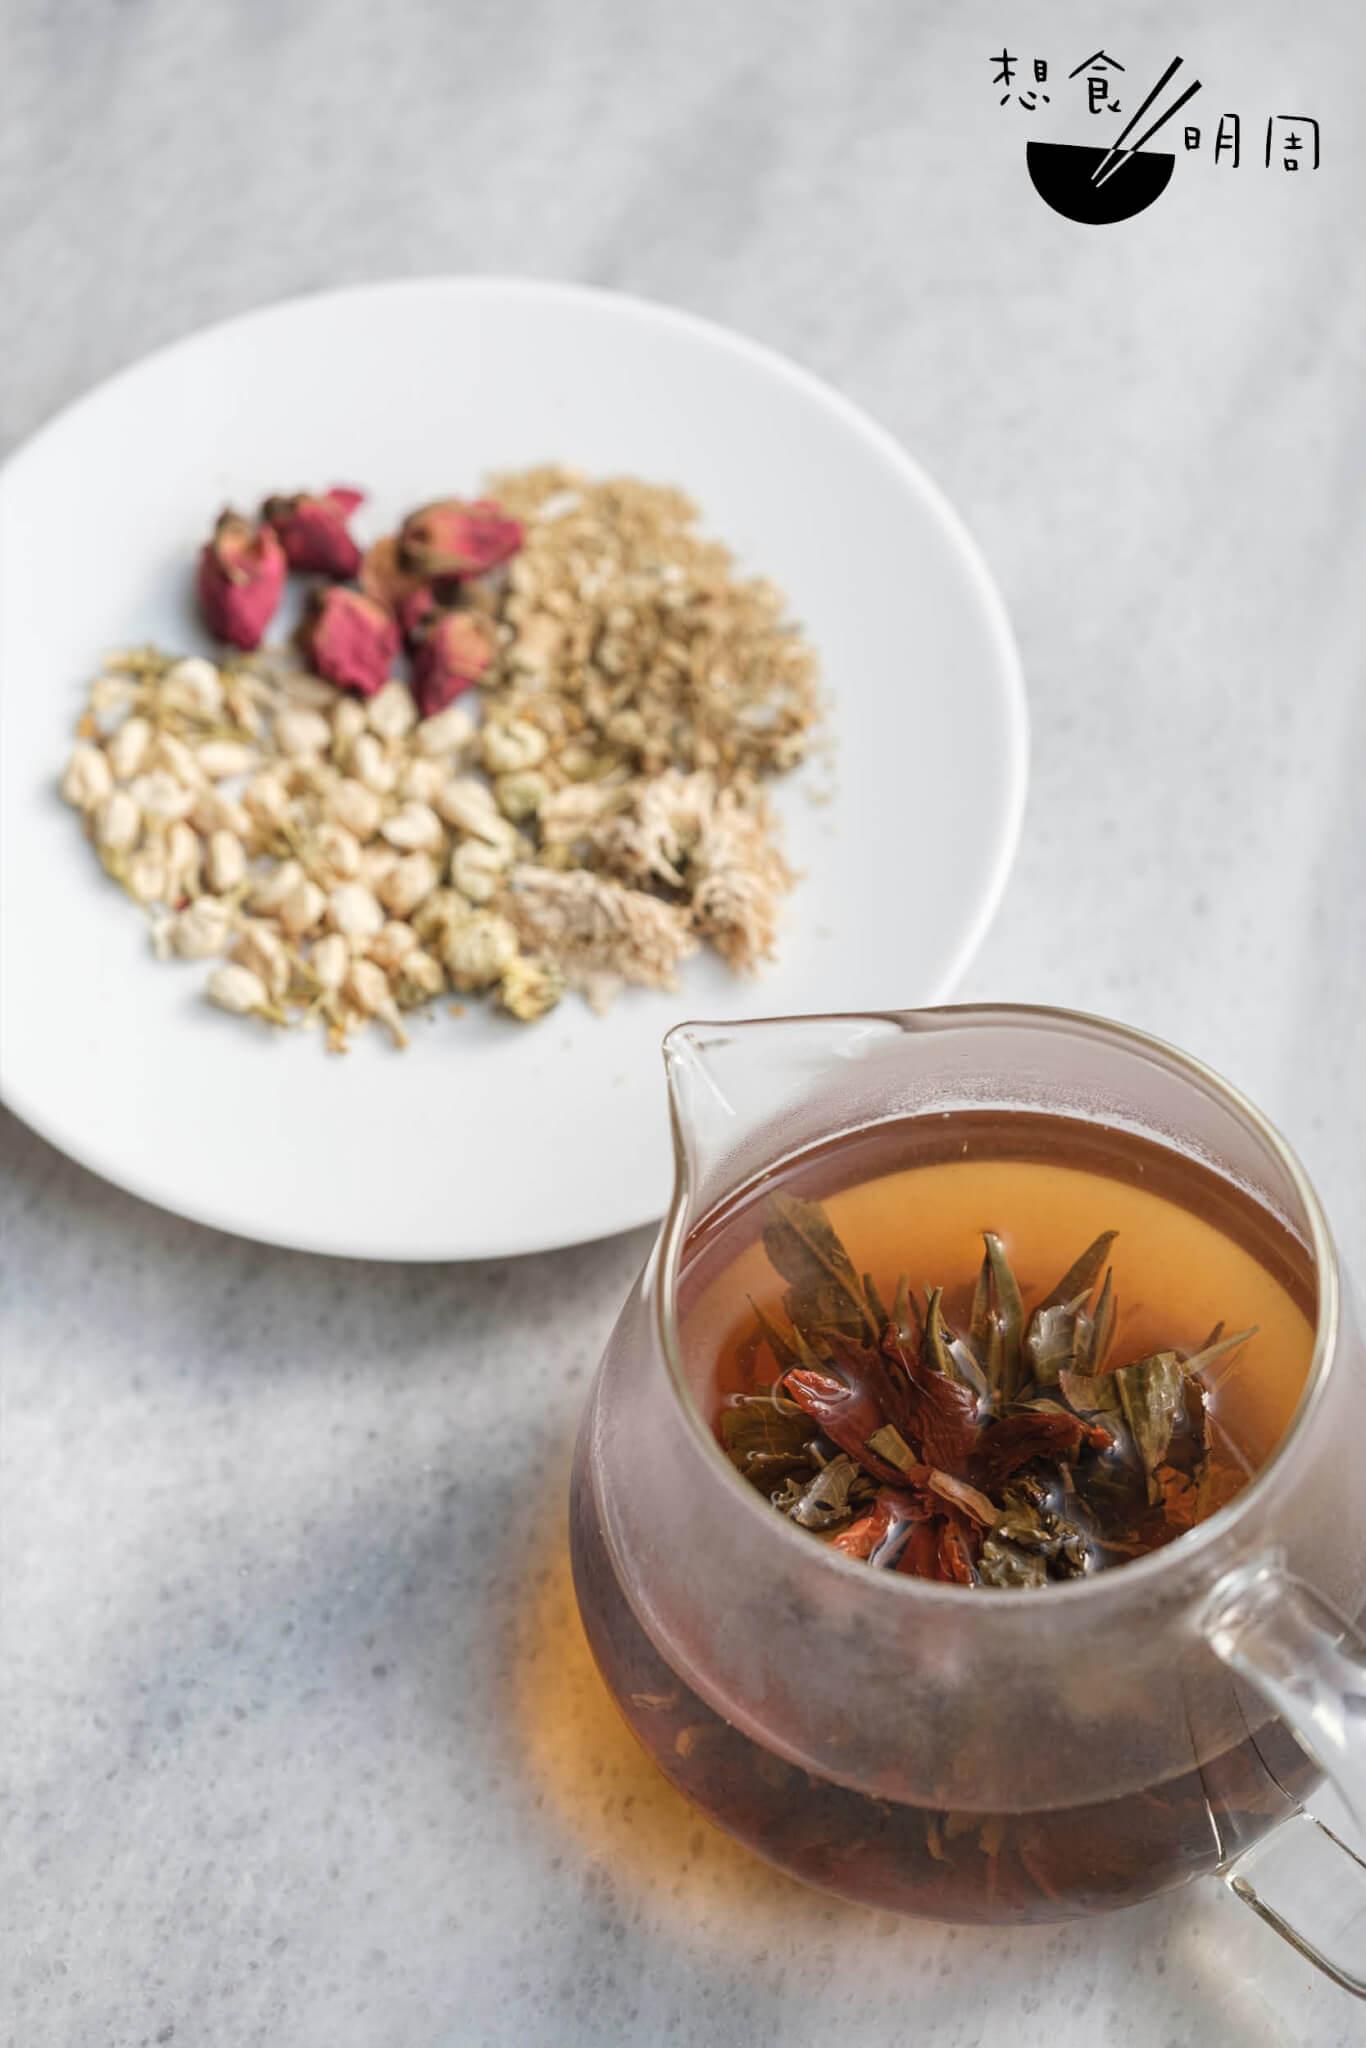 自家製五花茶結合了五種花包括千日紅花、桂花、洋甘菊、茉莉花,綑成茶球,投進杯或壺內,即可注水浸泡。若加上玫瑰、櫻花、鮮桂花、菊花及貢菊,即為十花茶。